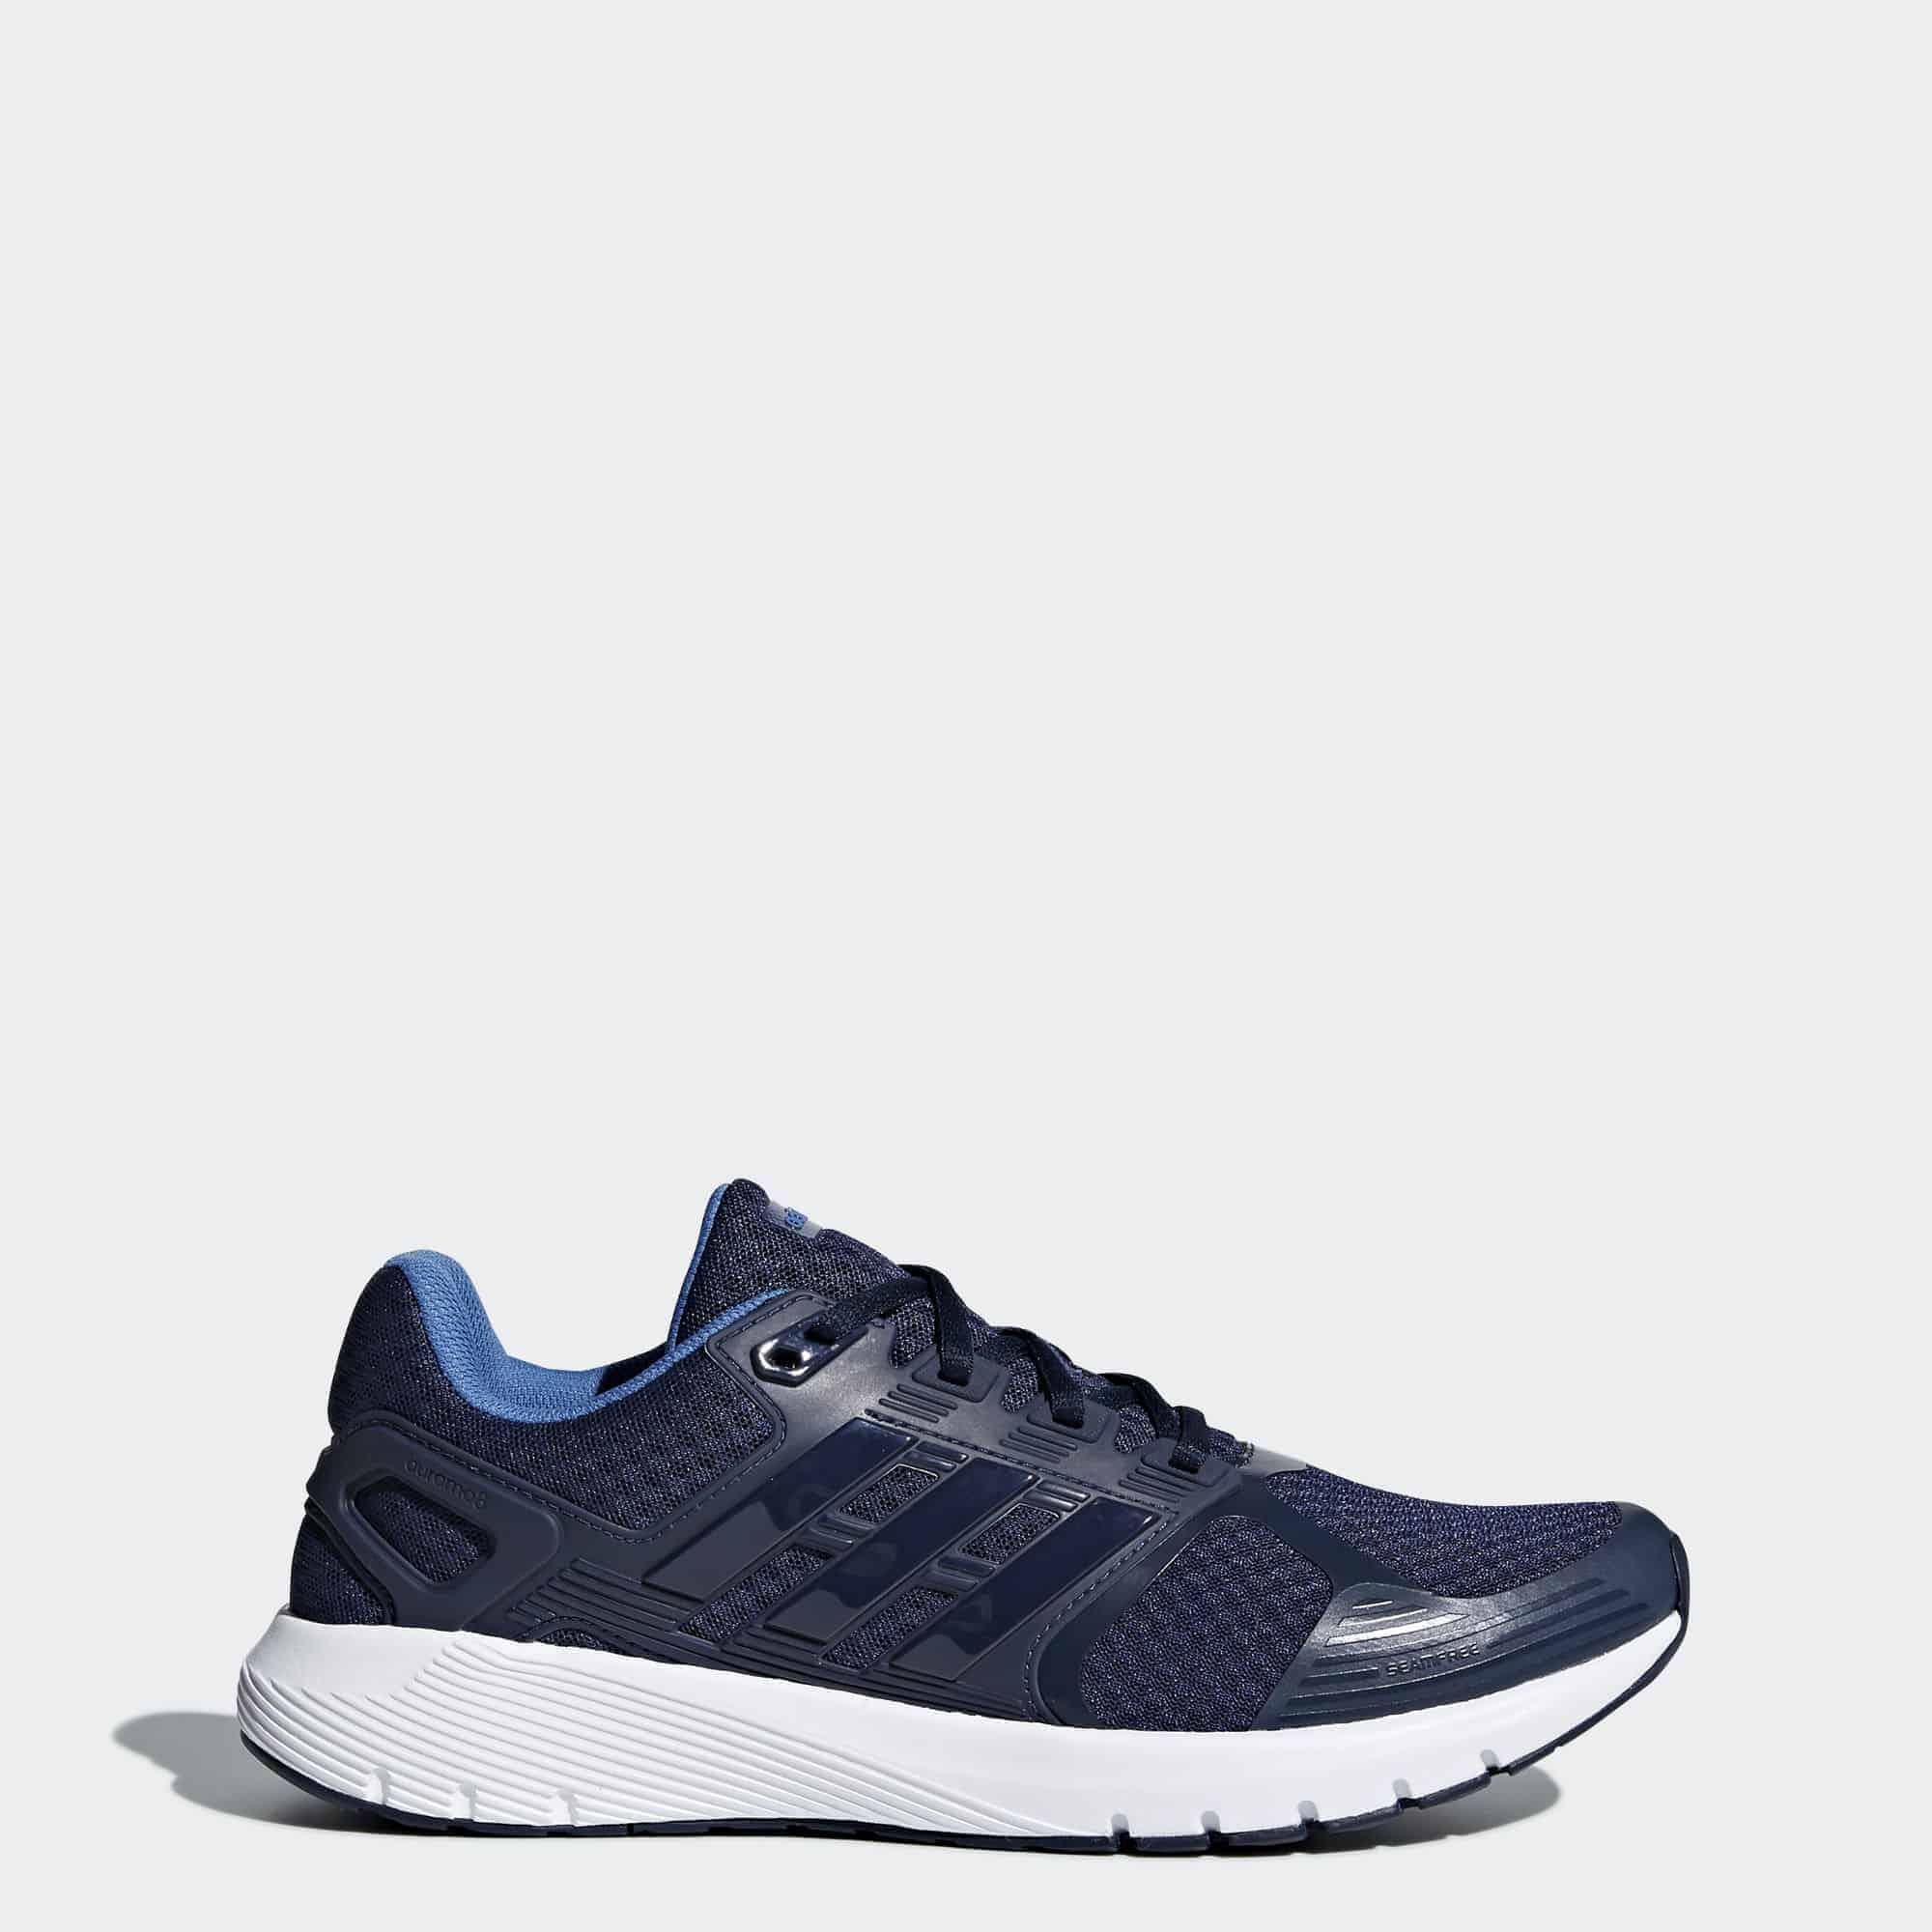 Кроссовки для бега Adidas Duramo 8 мужские